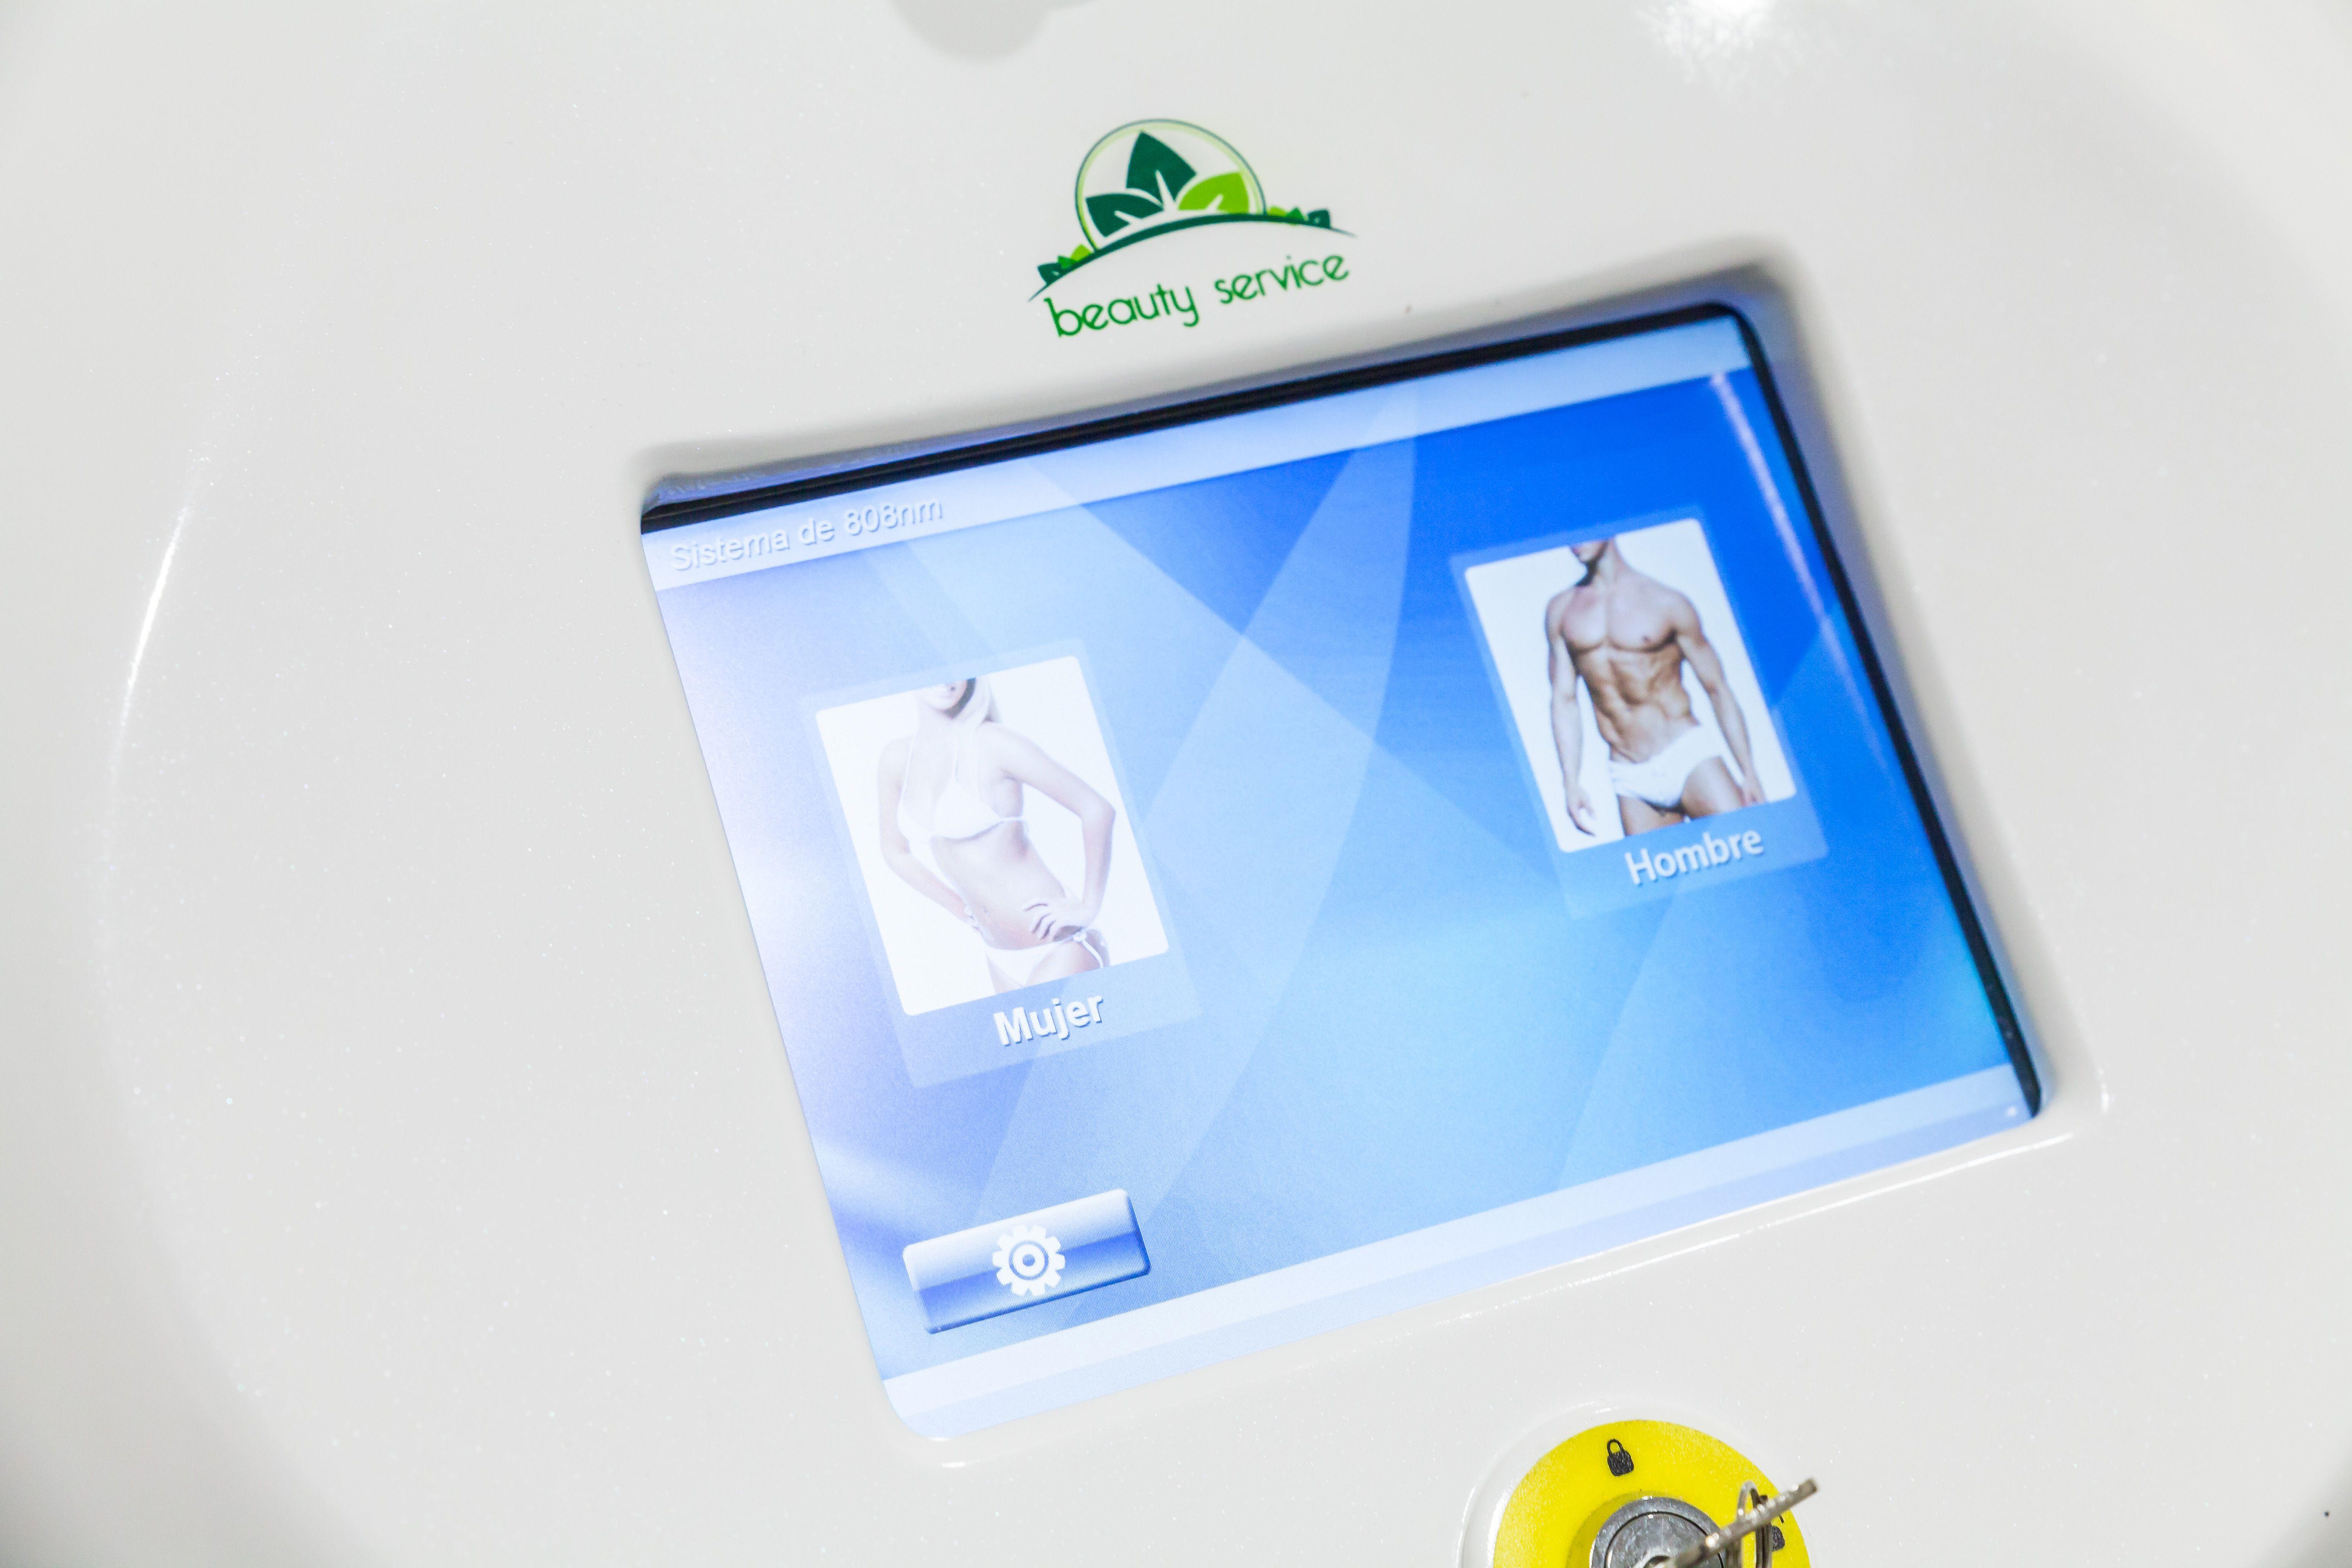 Ofrecemos un servicio especializado de radiofrecuencia facial y corporal